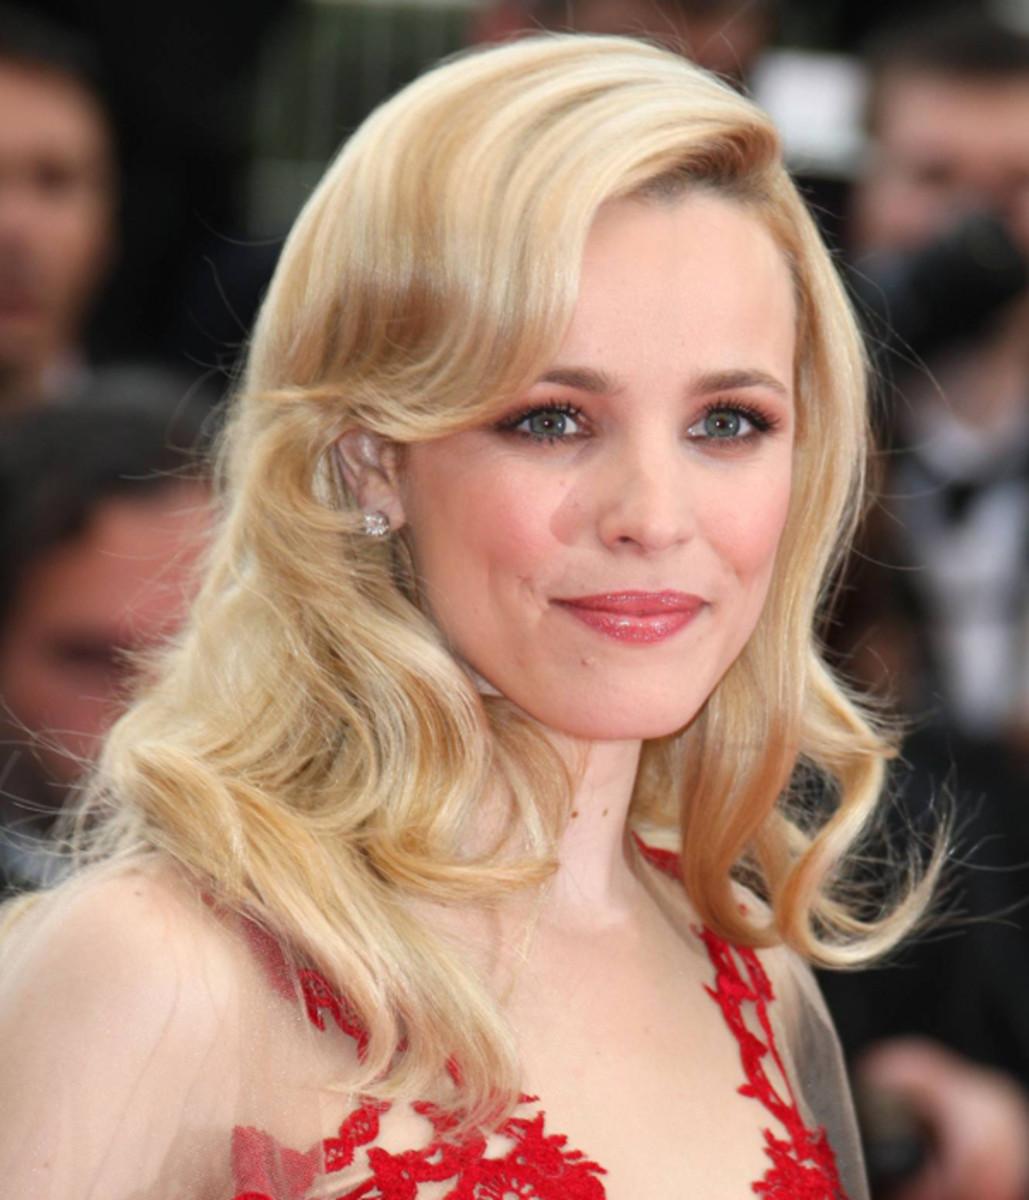 Rachel-McAdams-Midnight-In-Paris-Premiere-Cannes-2011